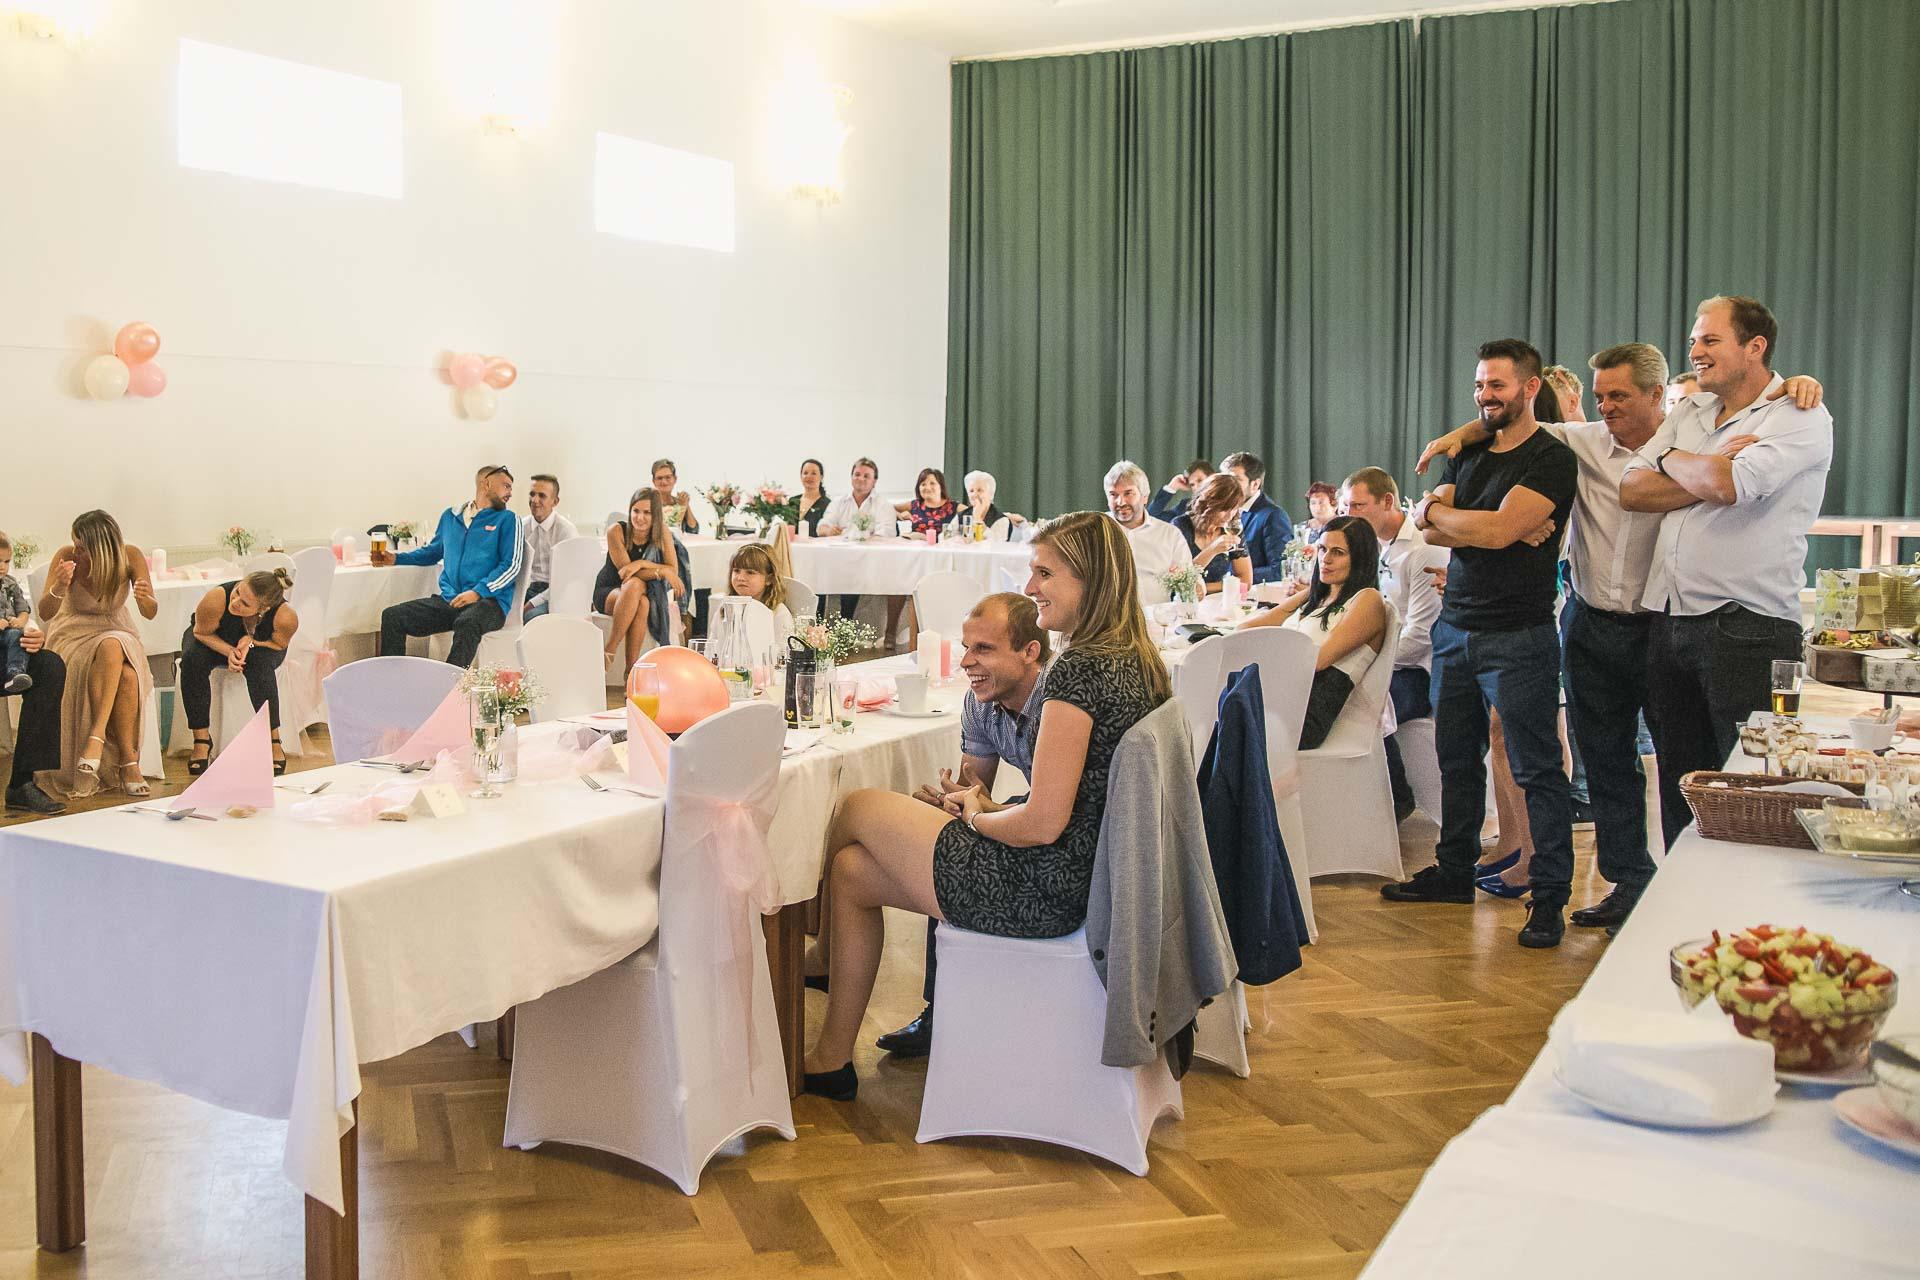 svatební-fotografie-Říp-svatební-video-ŘÍP-svatební-fotograf-ŘÍP-svatba-Mělník-svatba-Neratovice-fotograf-na-savtbu-kameraman-na-svatbu-399